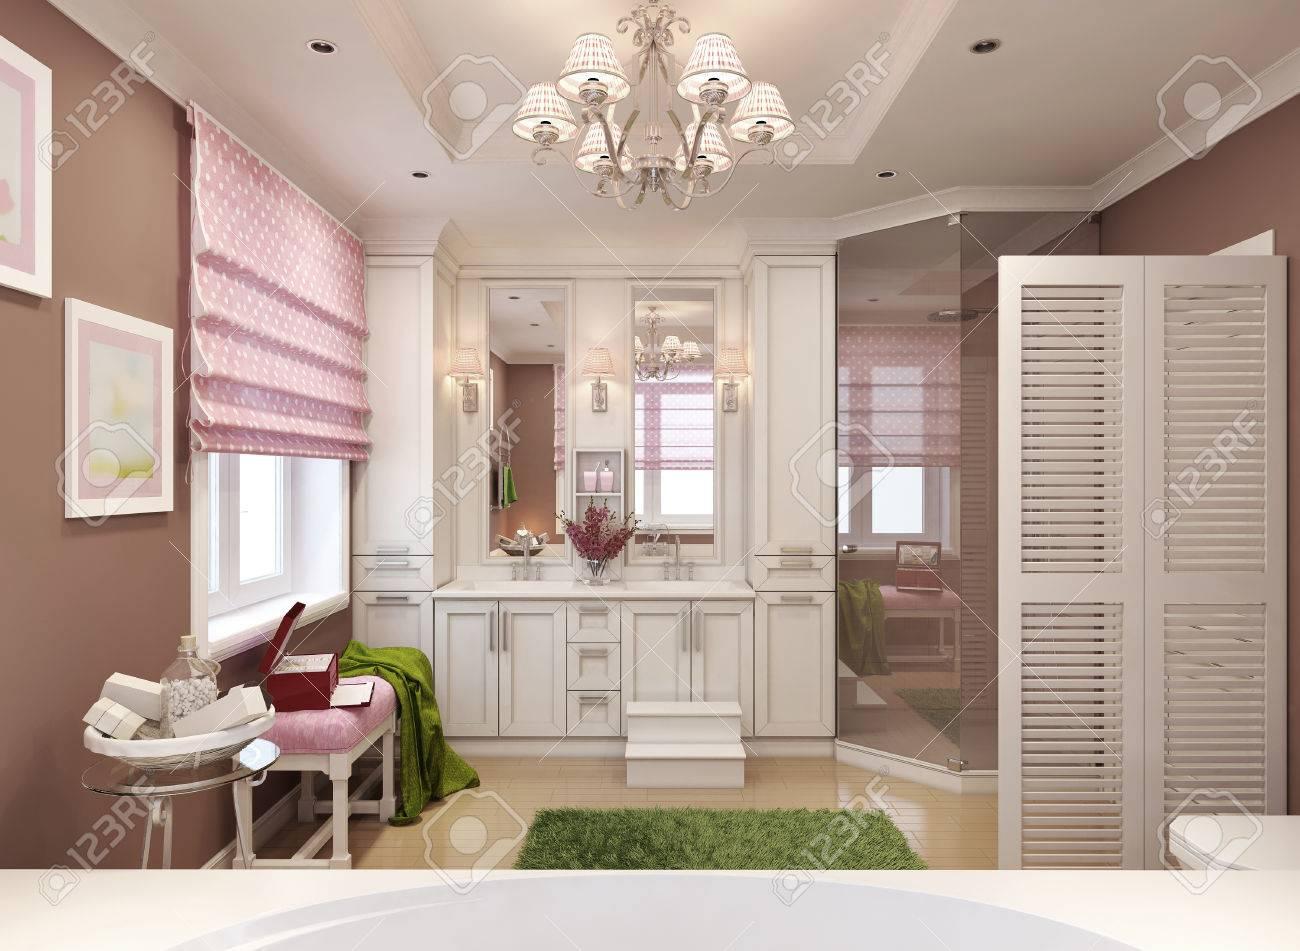 Lame Pvc Salle De Bain Avis ~ salle de bains classique pour les filles 3d render banque d images